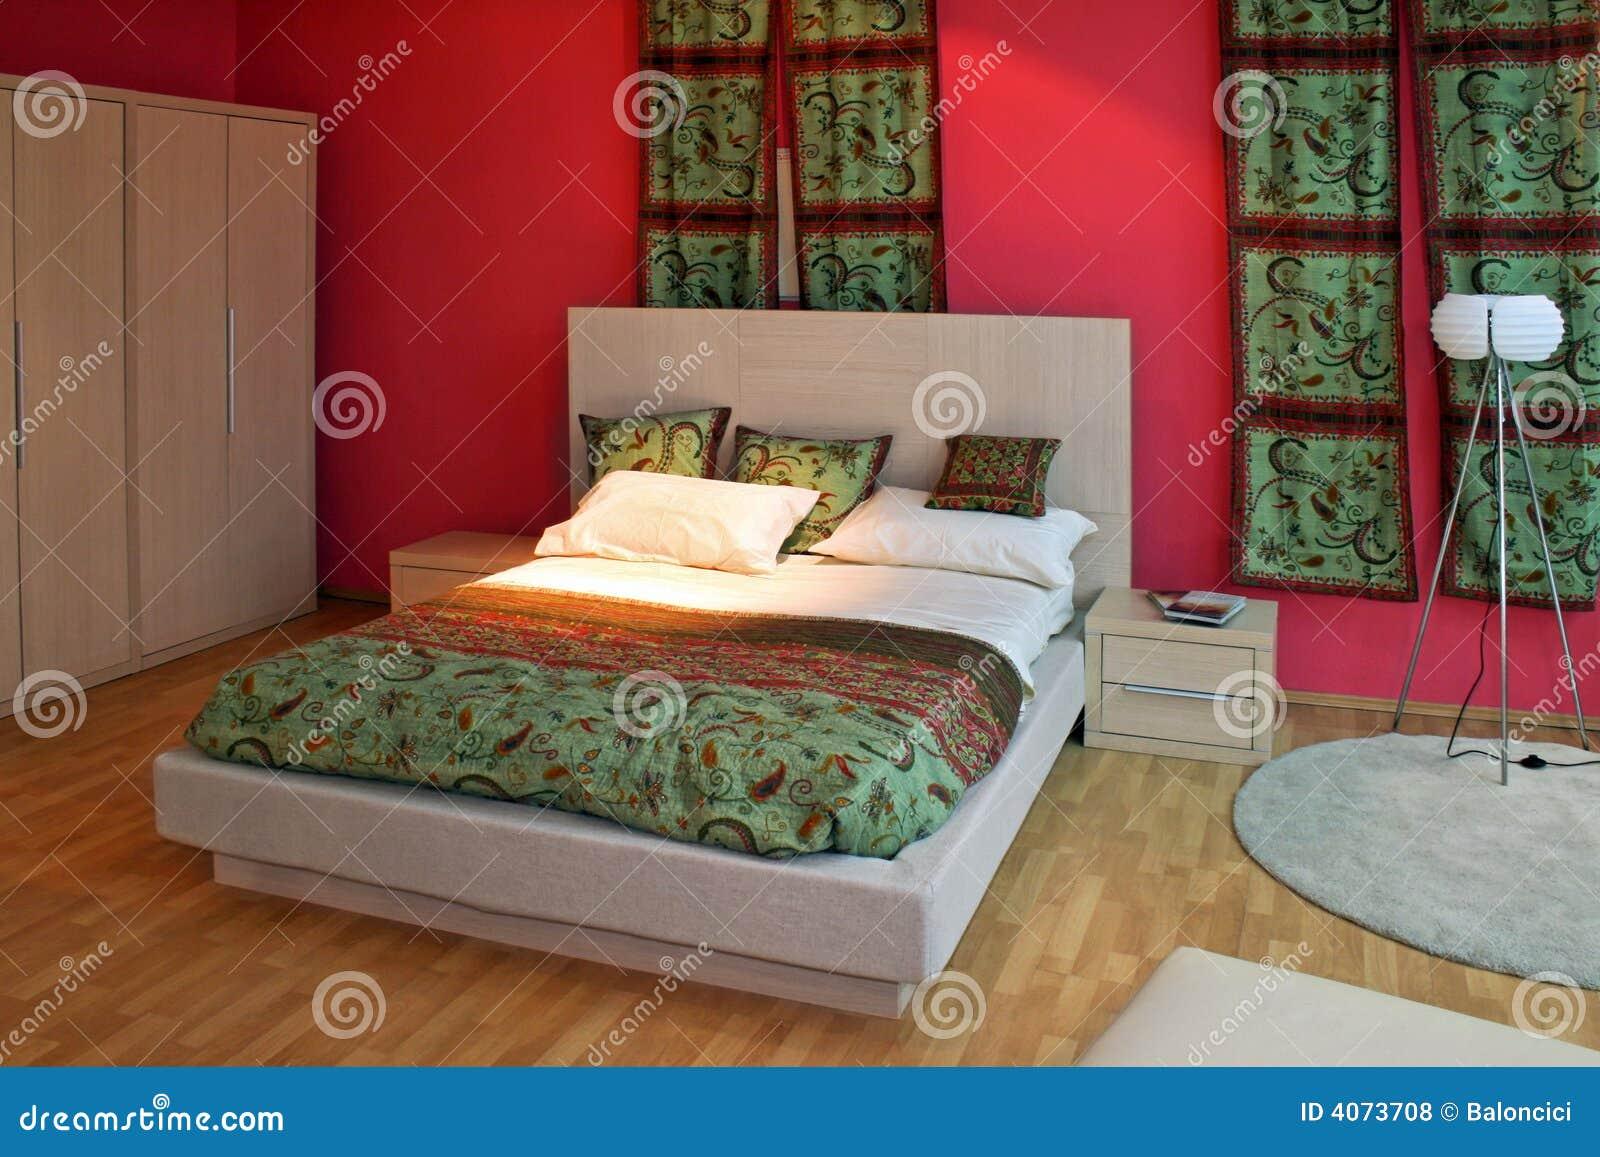 orientalisches schlafzimmer lizenzfreie stockfotos - bild: 4073708, Schlafzimmer entwurf